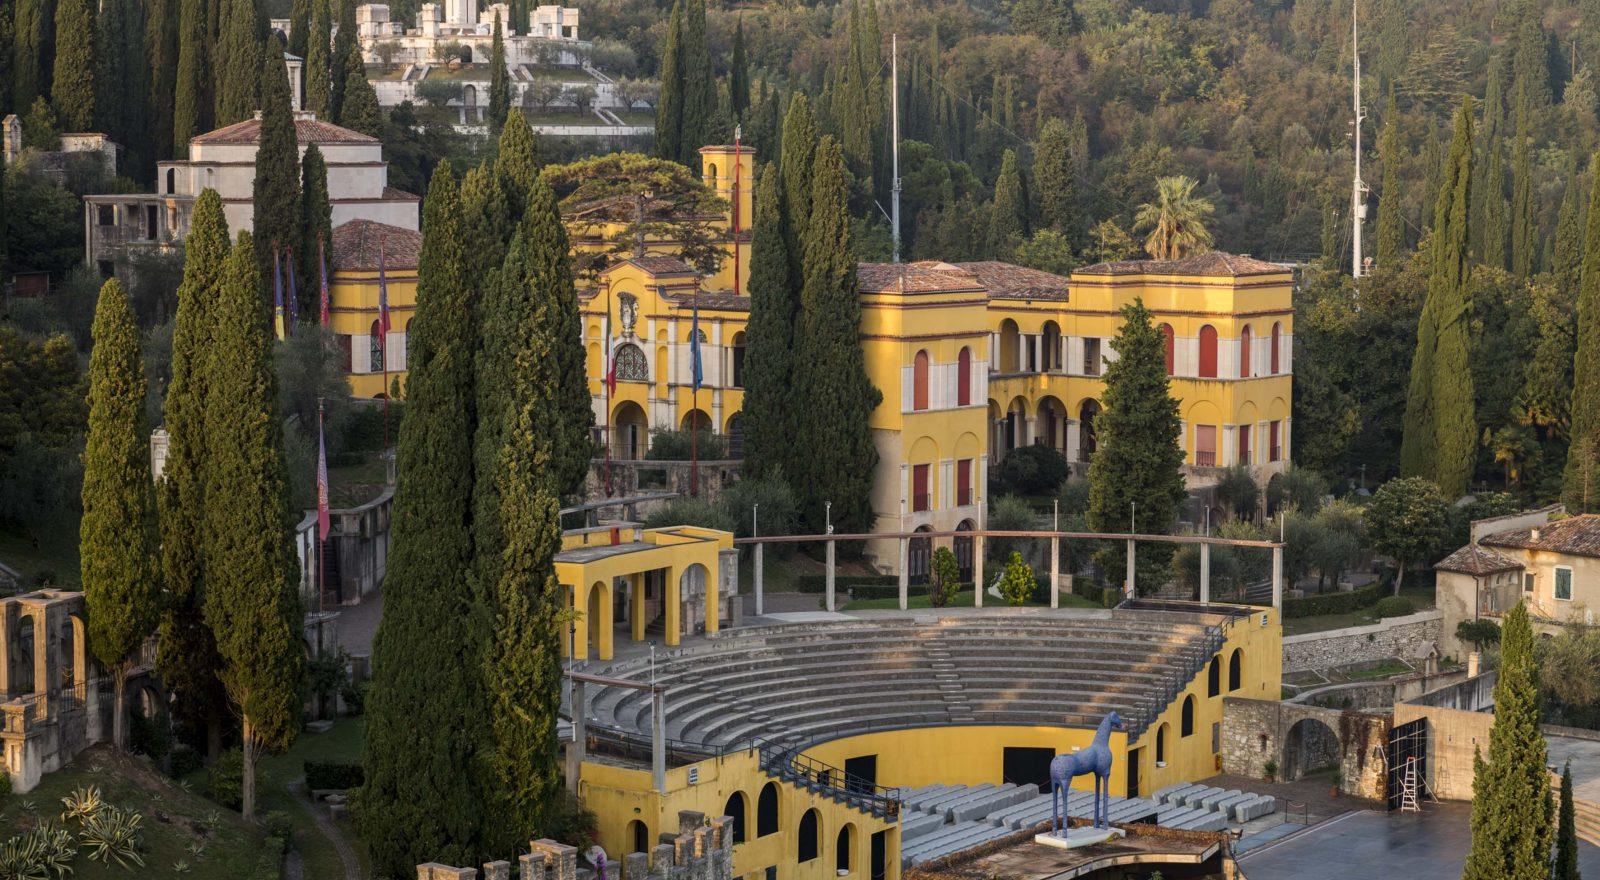 Vittoriale degli Italiani, Gardone Riviera